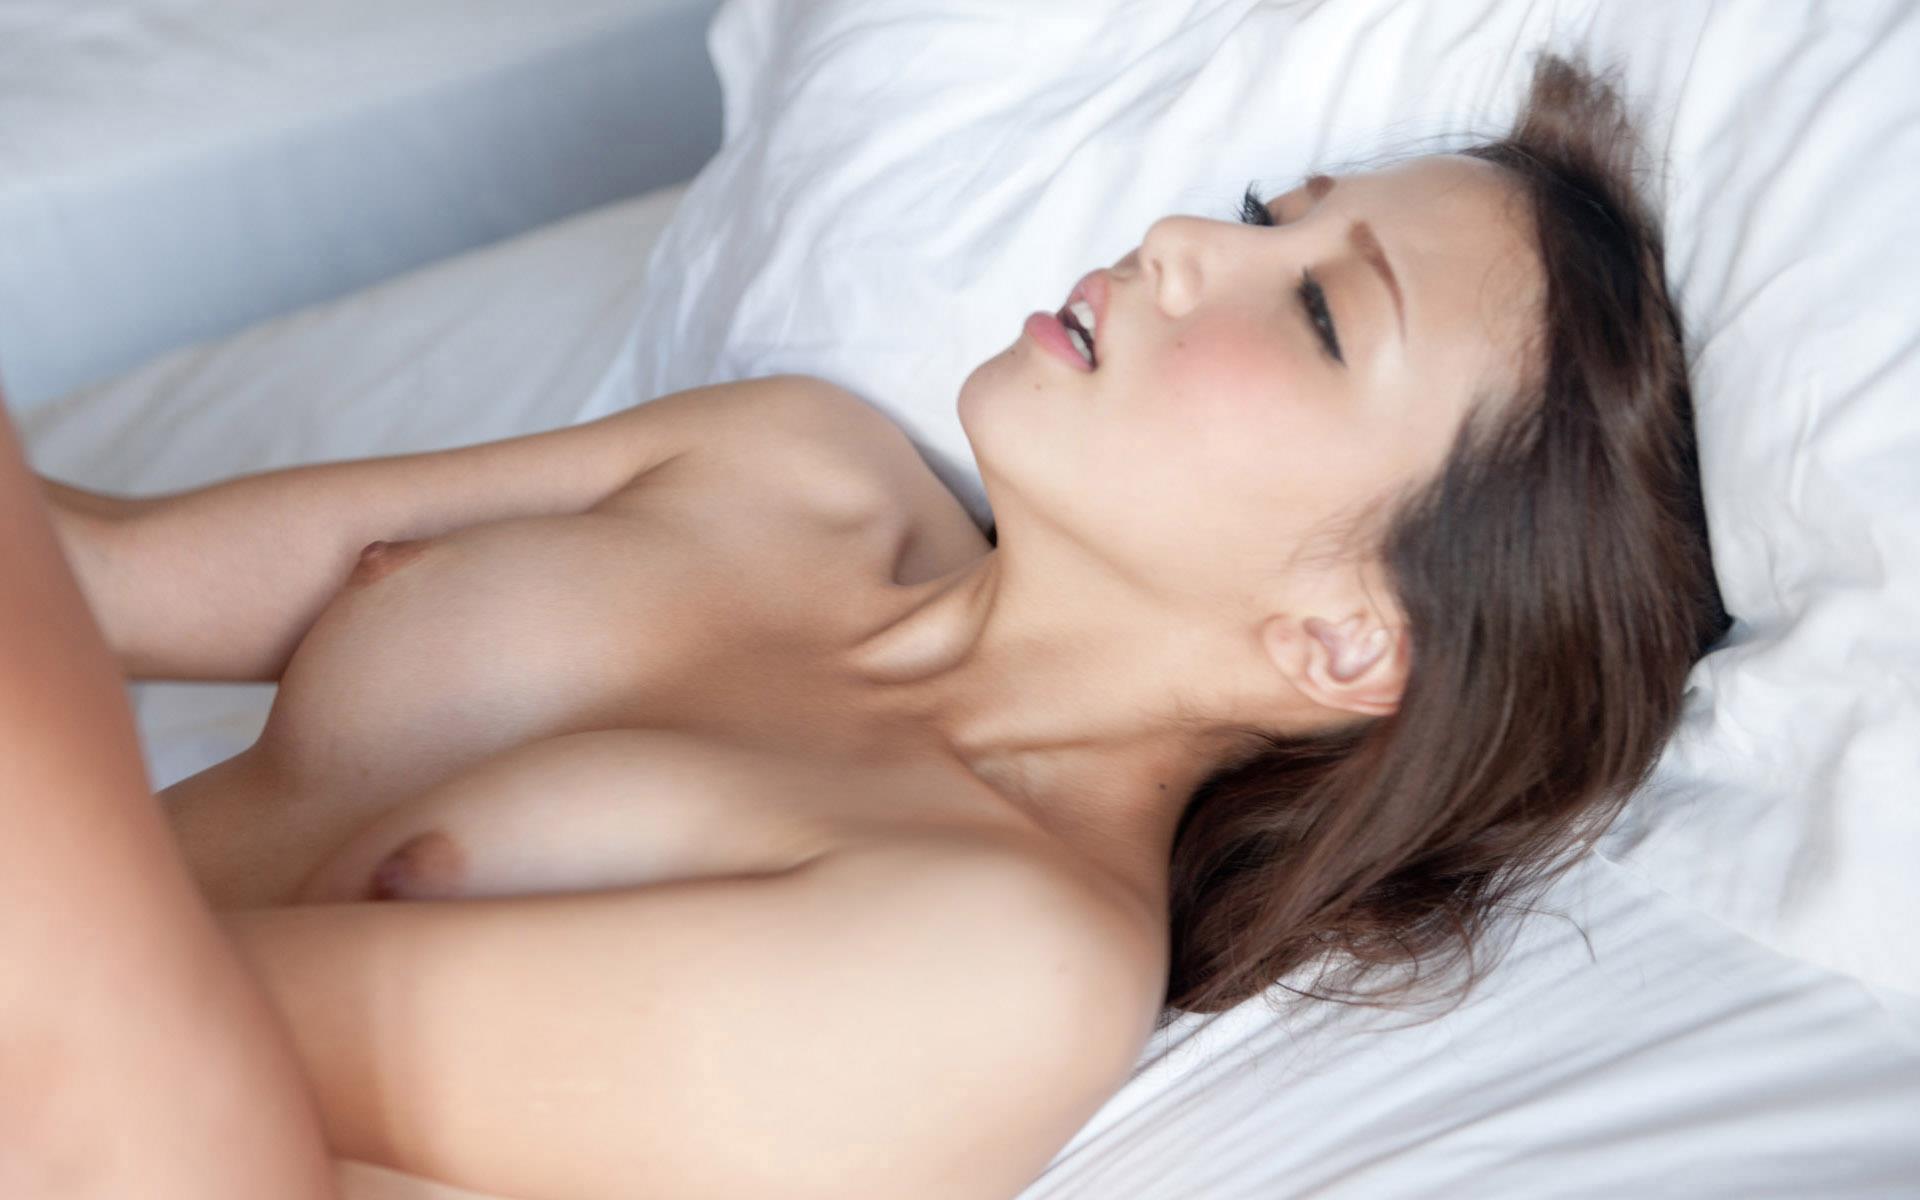 【友田彩也香エロ画像】垂れ目のセクシー潮吹きお姉さん・友田彩也香!(;´∀`)